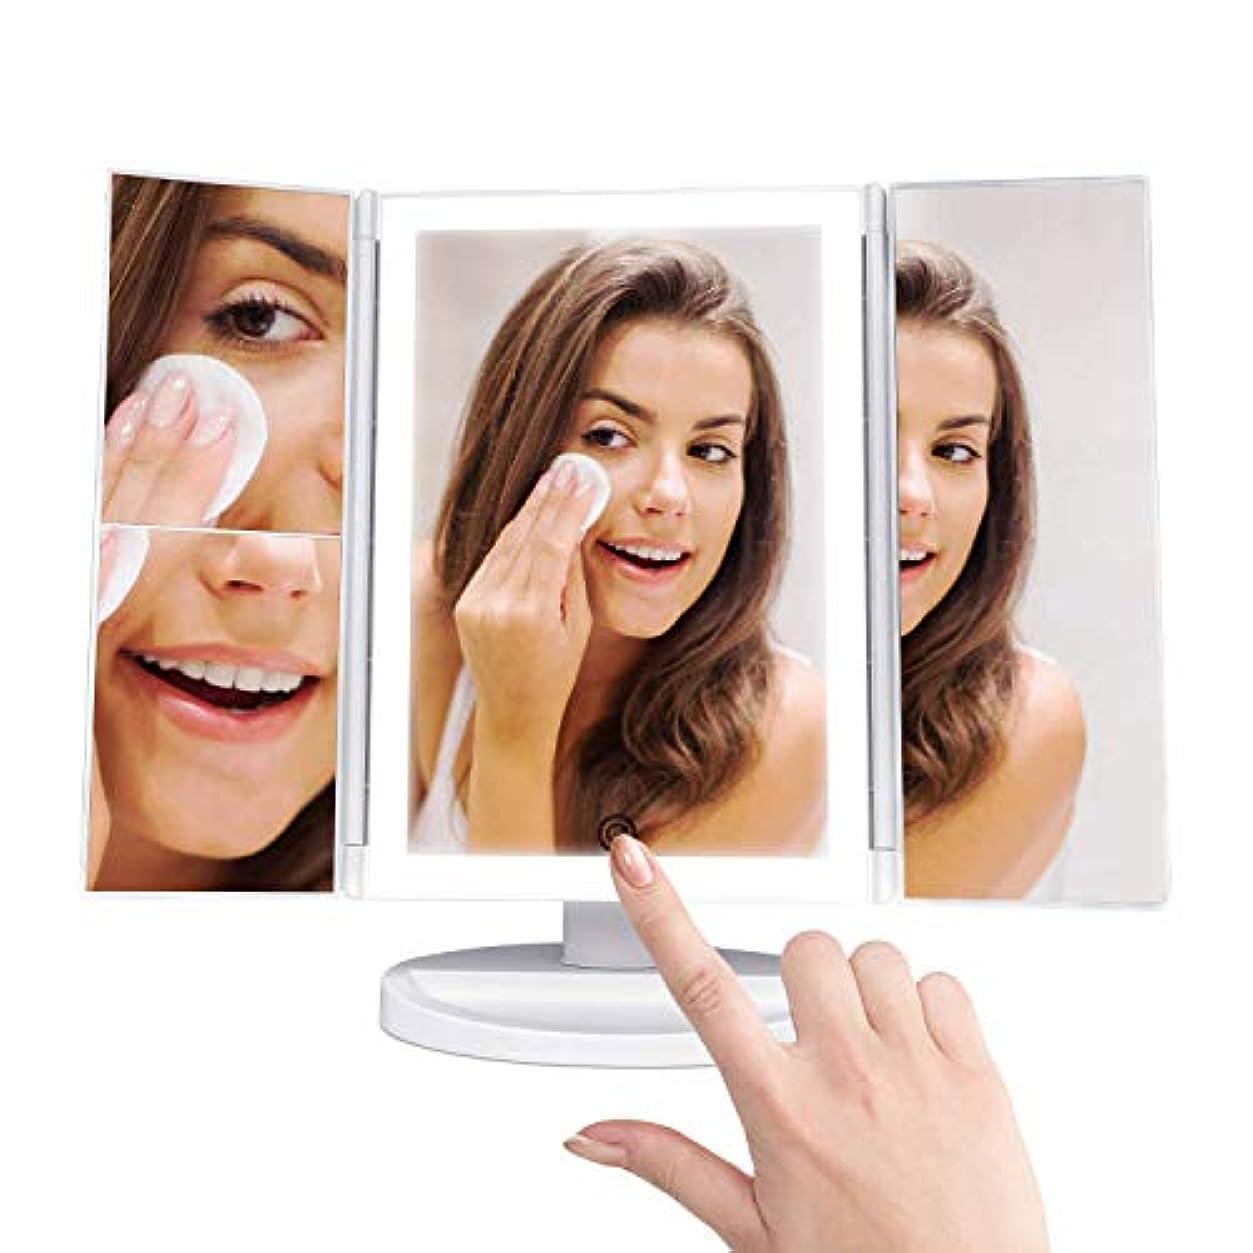 動的分泌する円周卓上ミラー 折りたたみ式 三面鏡 化粧鏡 2&3&拡大鏡付き LEDライト 角度調整機能付 タッチパネル 持ち運び便利 180度自由に回転 電池またはUSB給電(ホワイト)